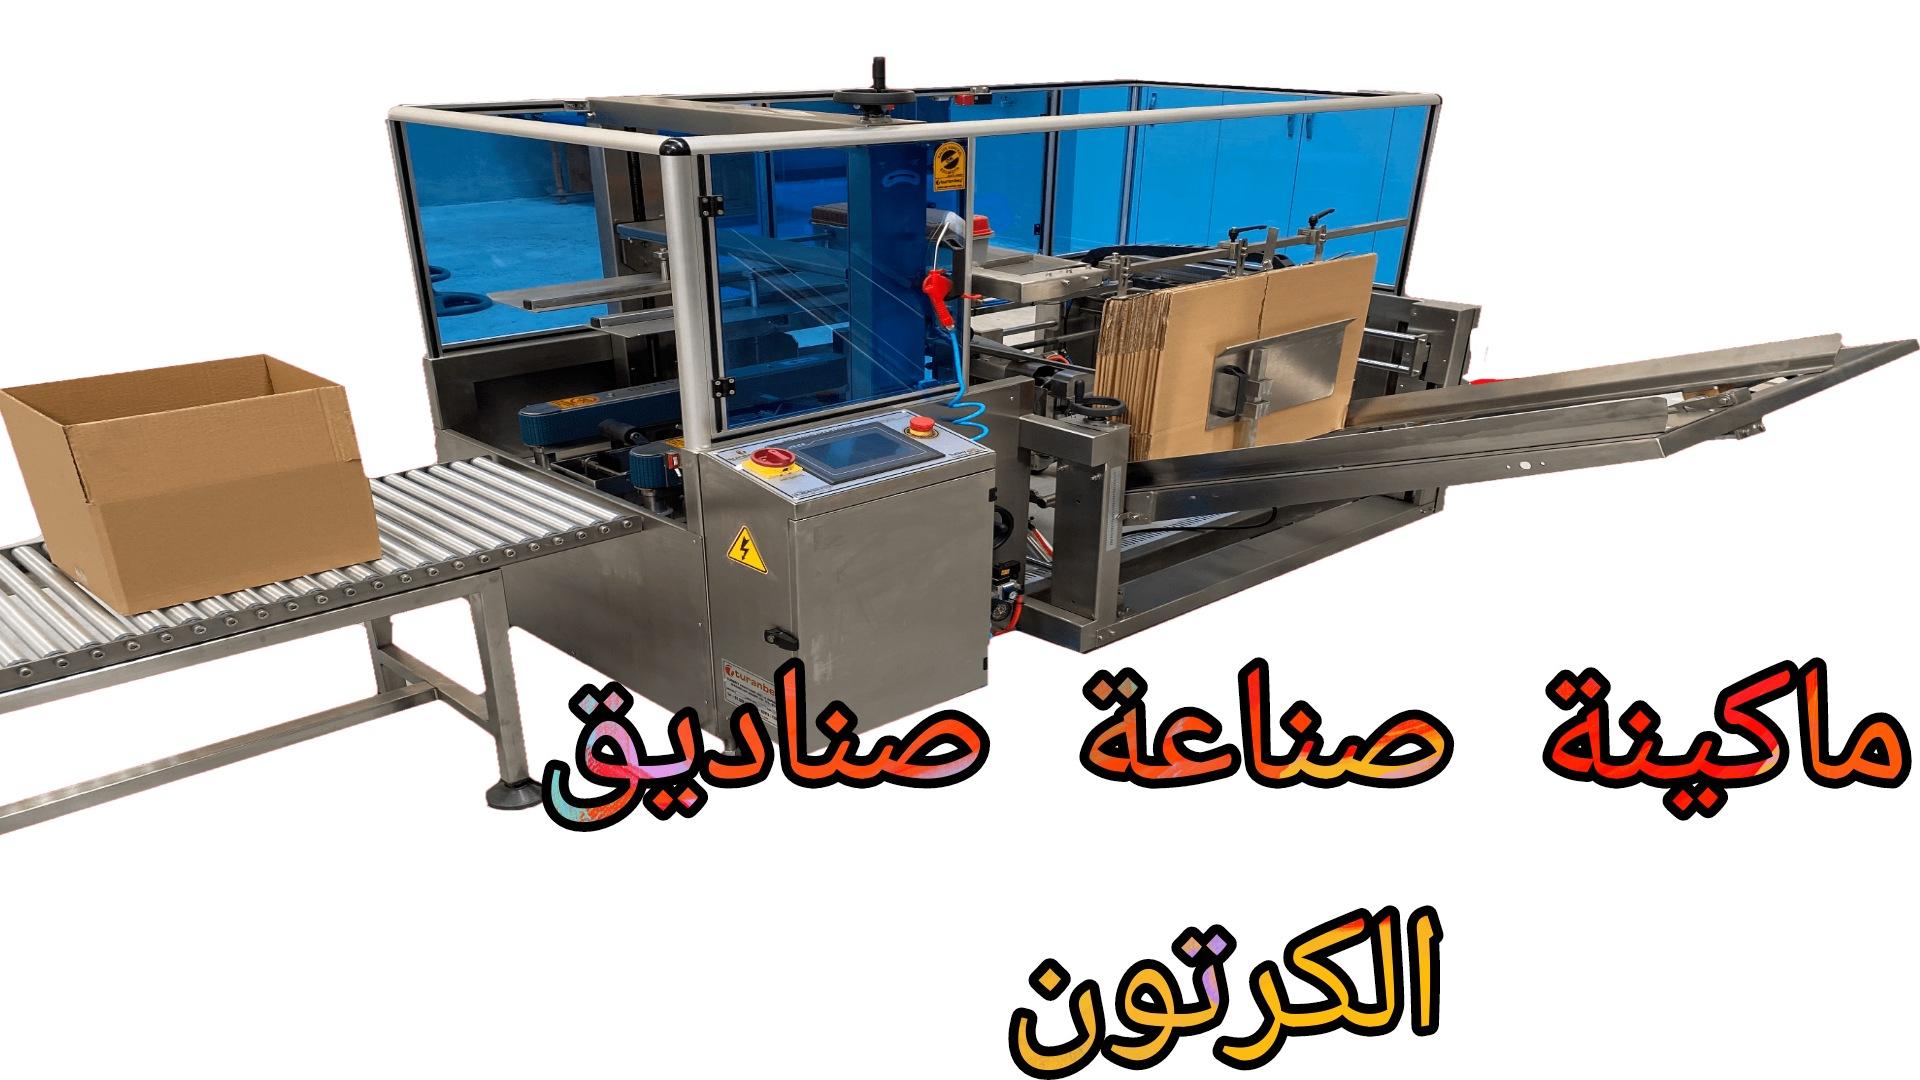 ماكينة صناعة صناديق الكرتون